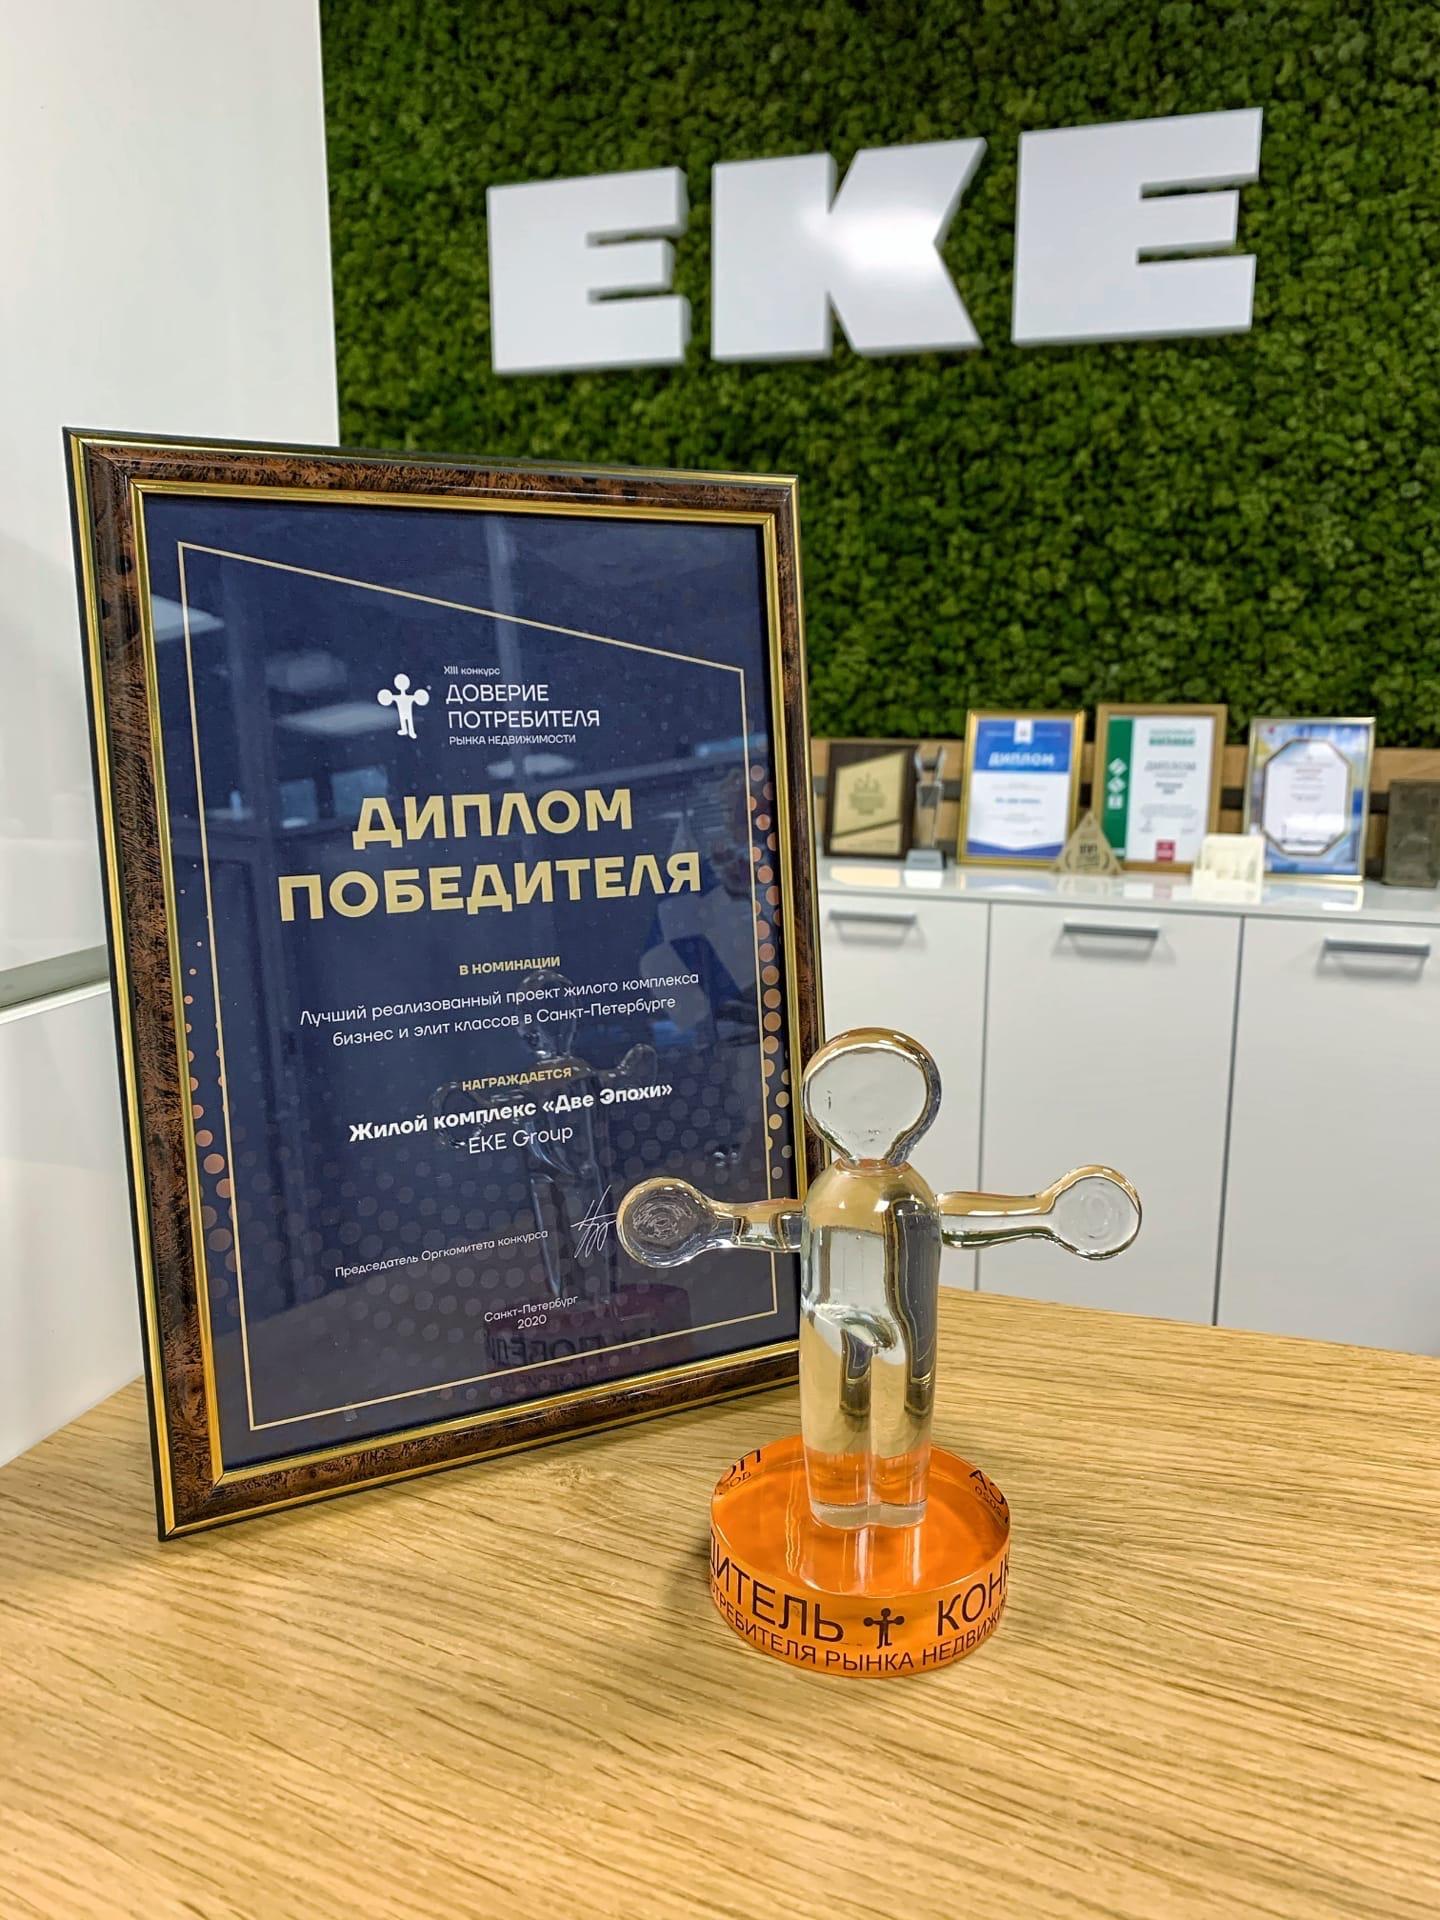 Dve Epohi nominerades som Det bästa genomförda bostadsprojektet i business- och elitklass i S:t Petersburg